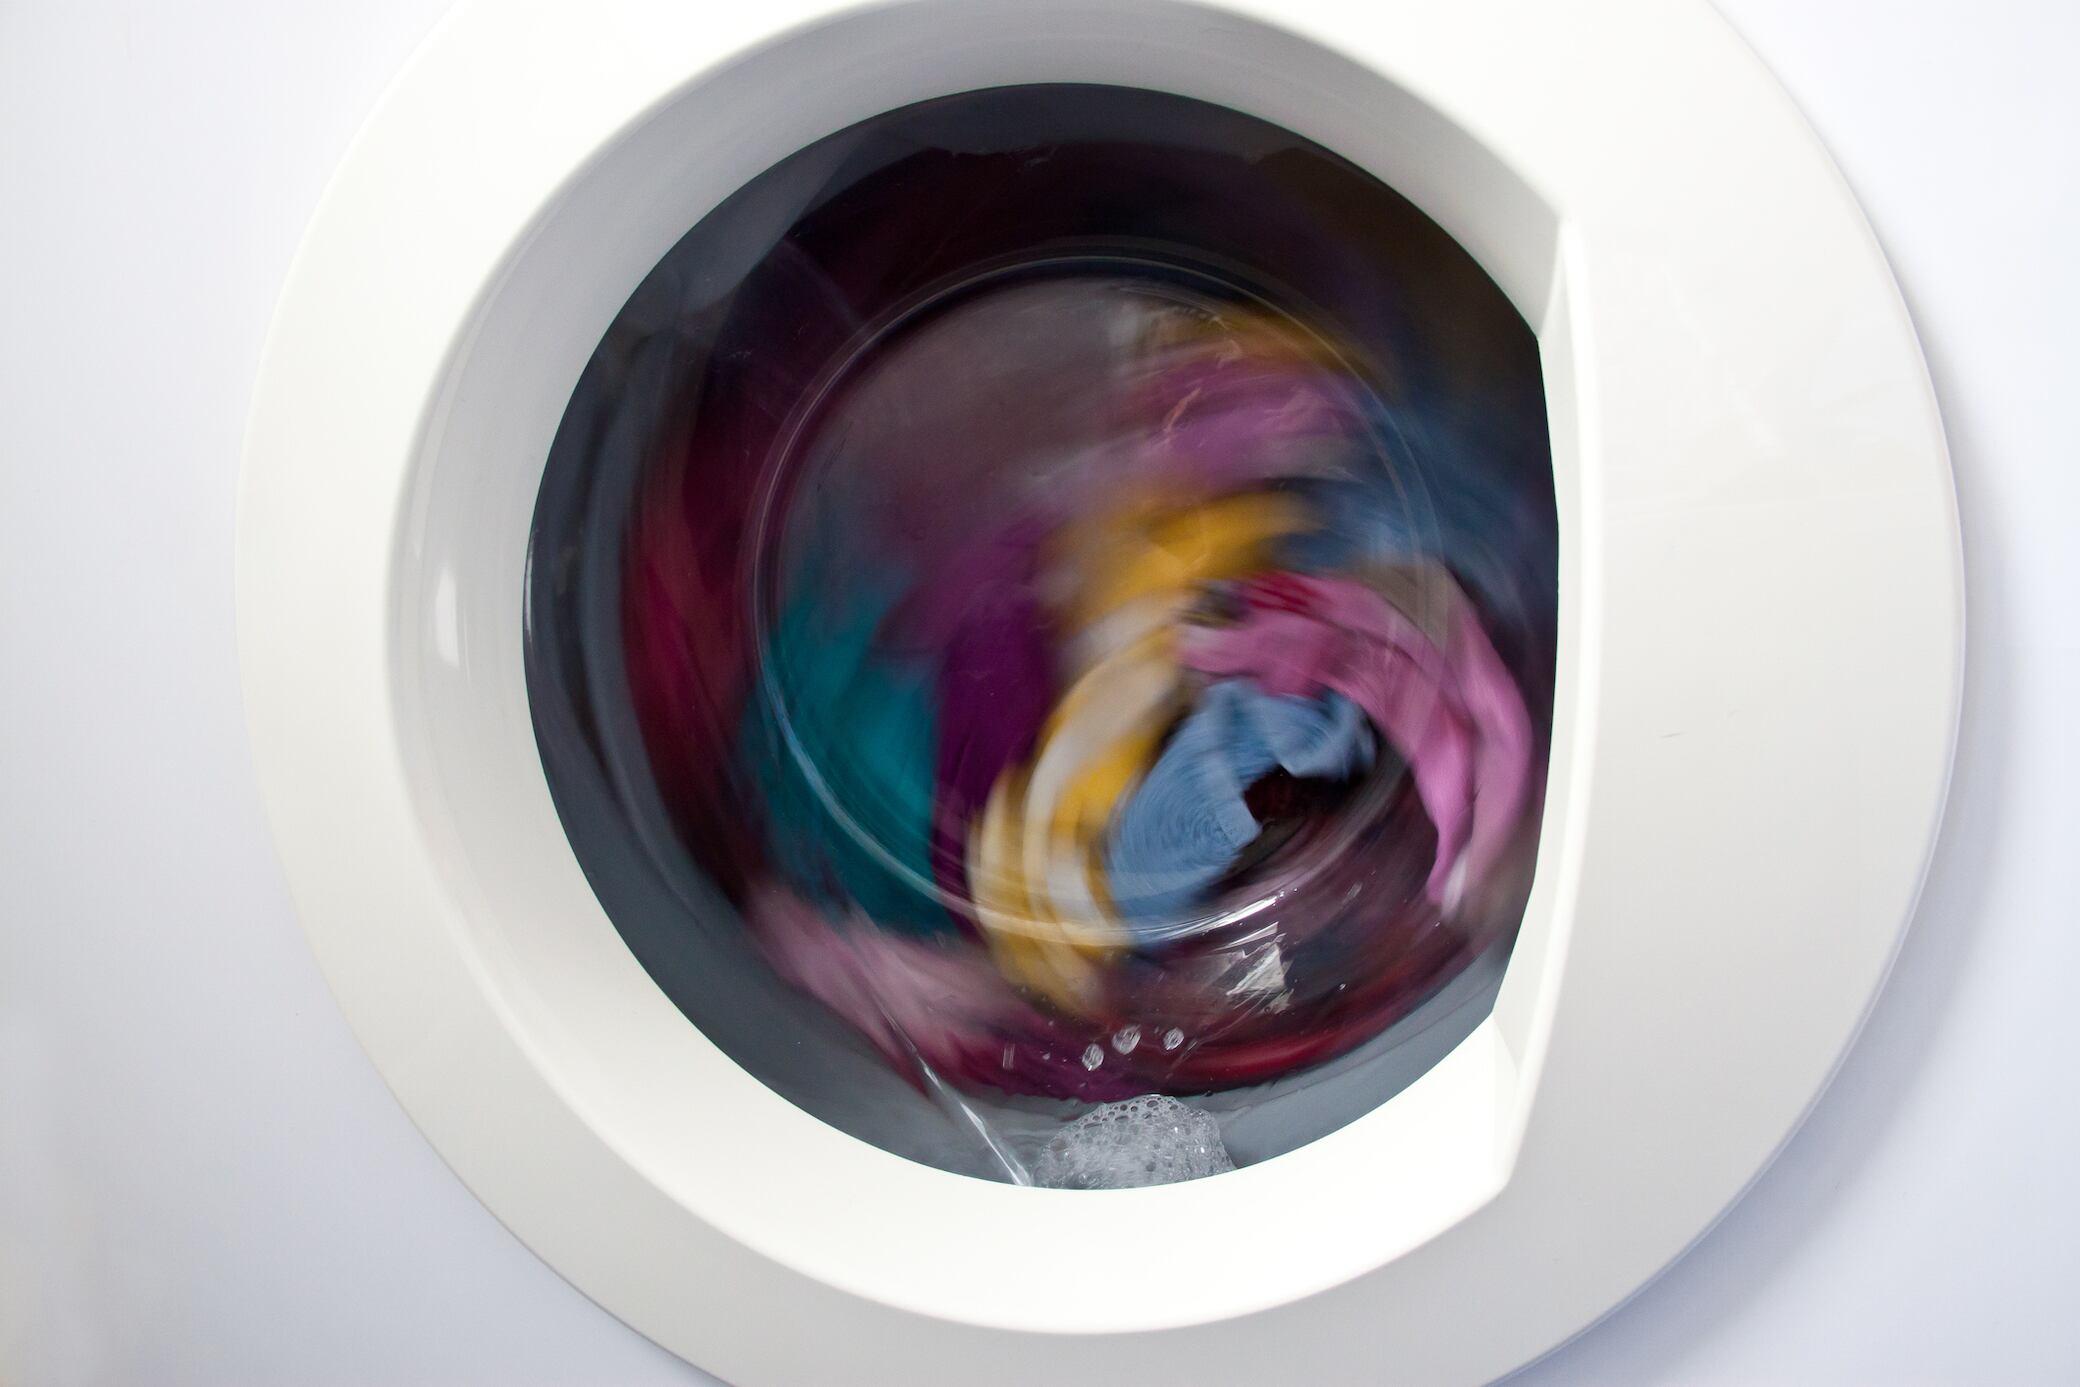 Waschmaschine wackelt stark beim Schleudern? Daran kann es liegen